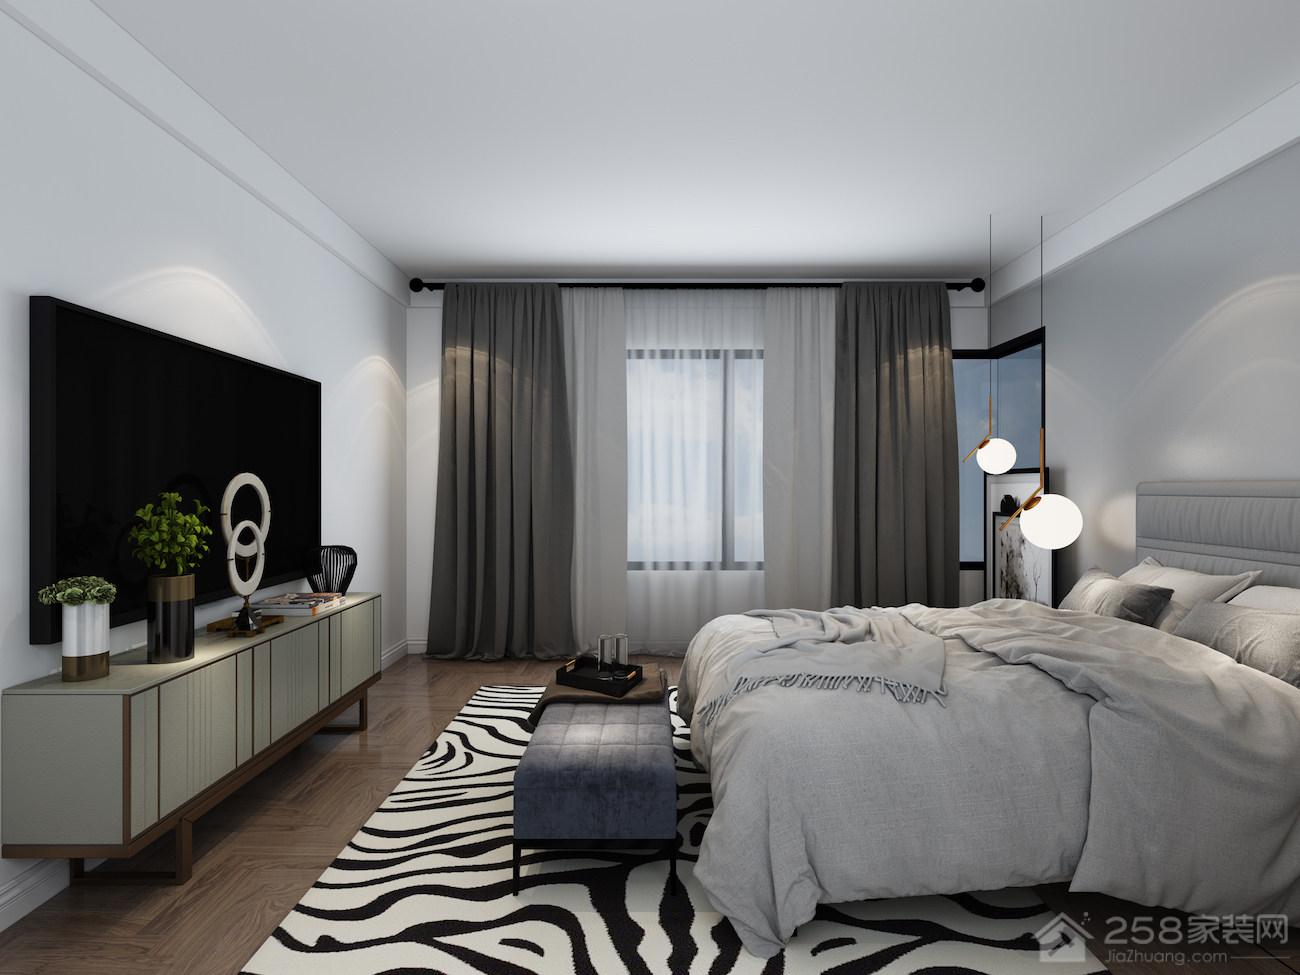 现代风格卧室黑白间纹地毯图片